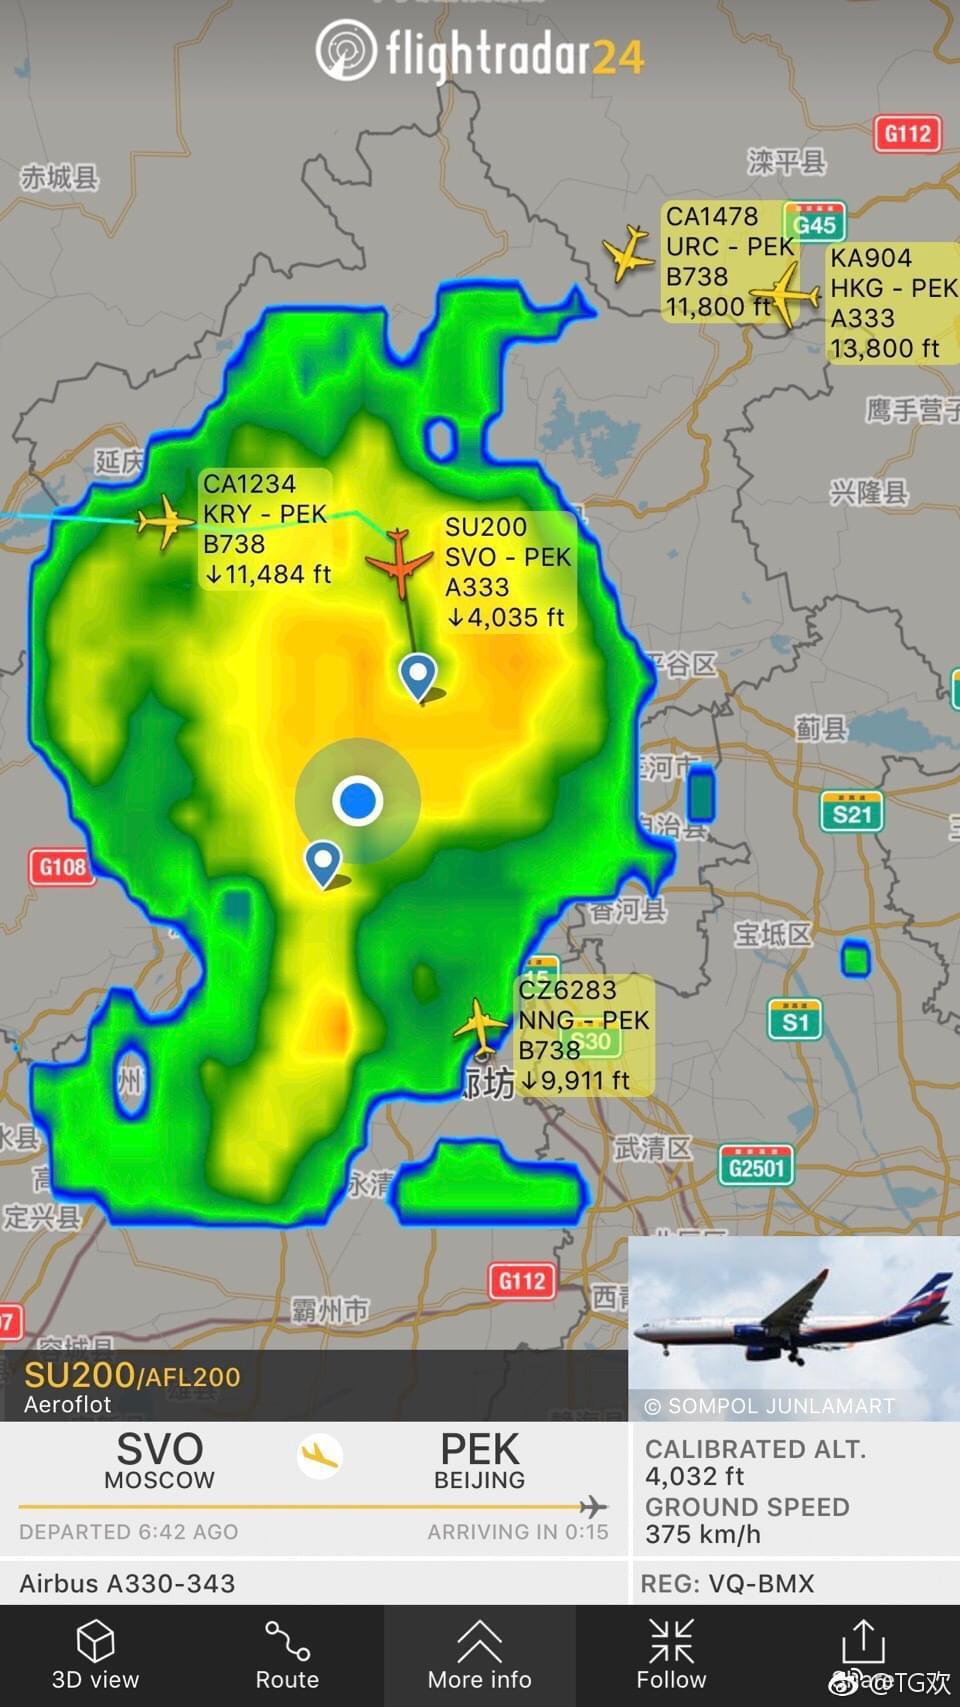 北京首都机场电闪雷鸣之际 俄航彪悍降落再演奇迹